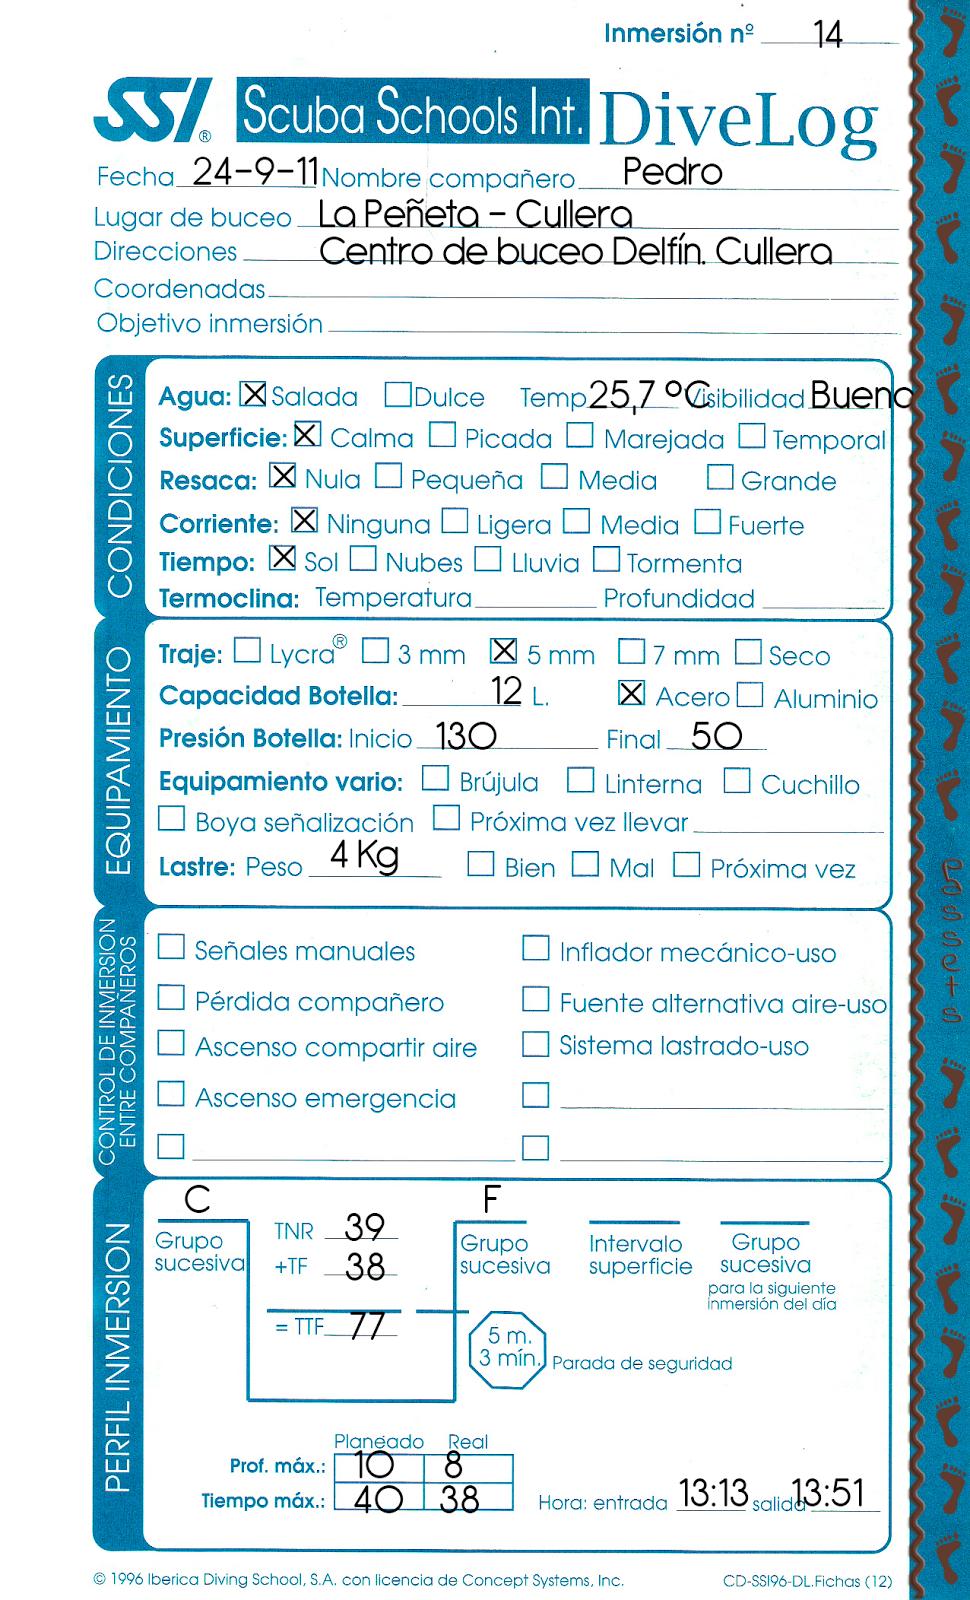 DiveLog - Inmersión y certificación Buceador nivel 2